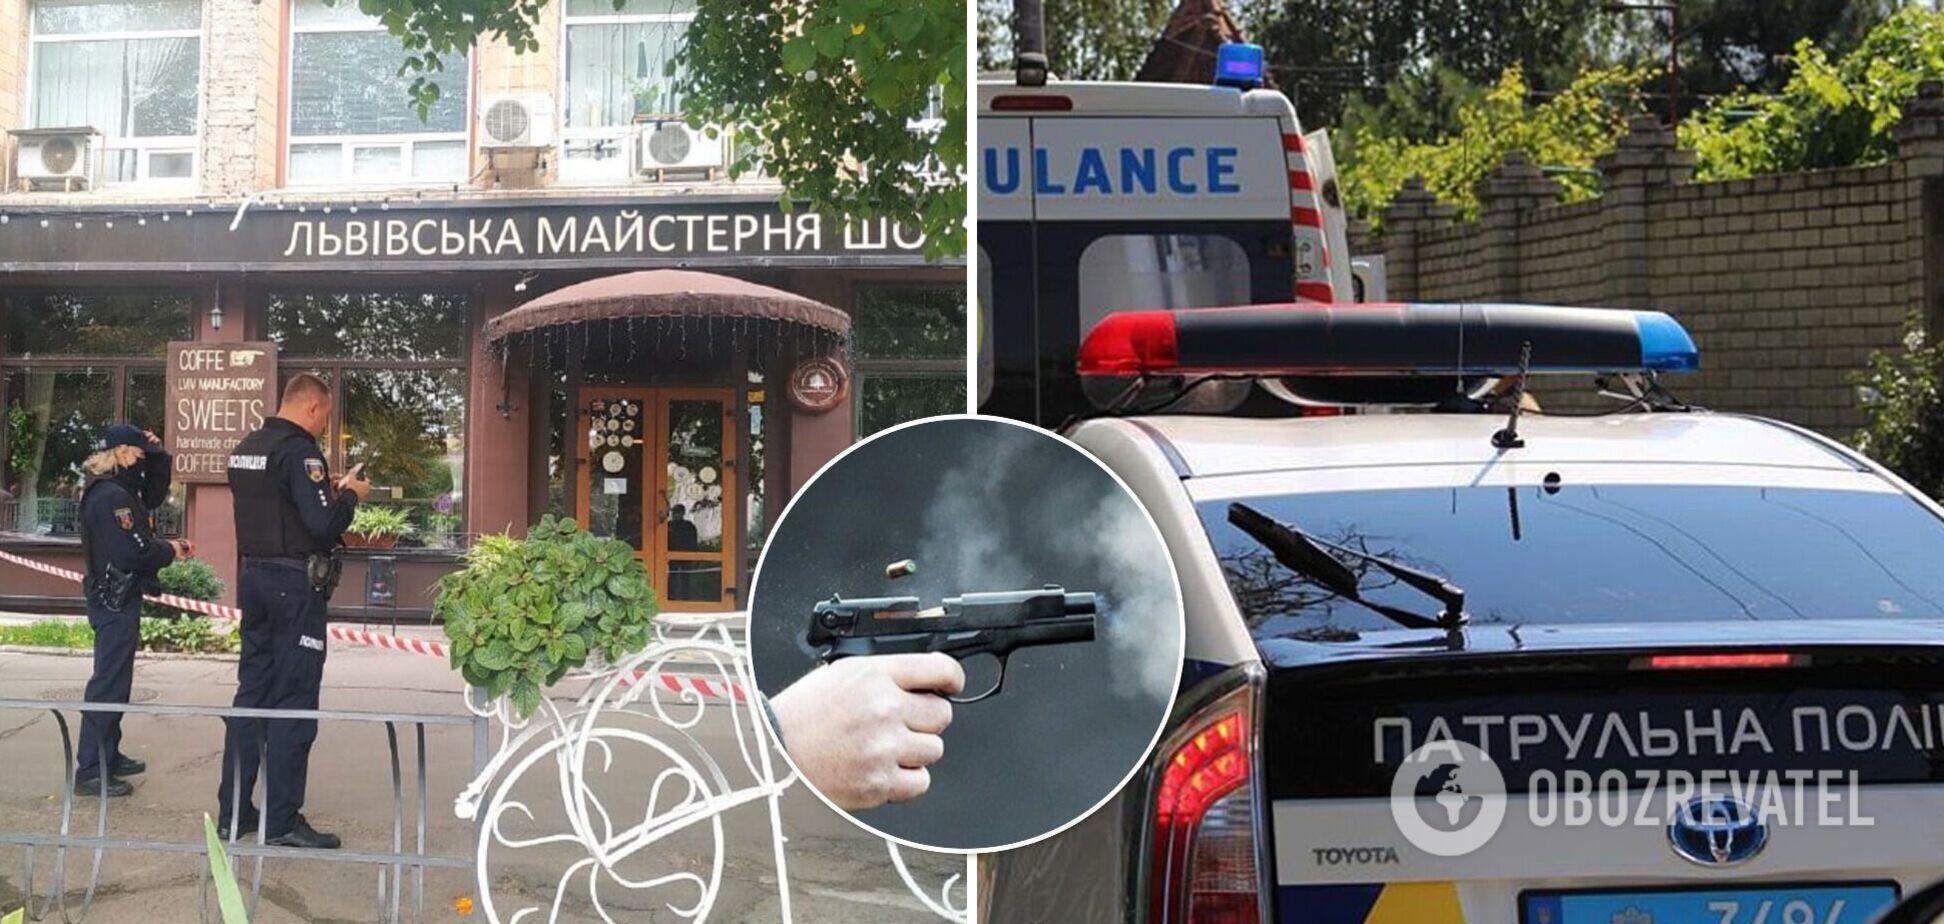 У Черкасах застрелили відомого бізнесмена. Фото, відео і всі подробиці